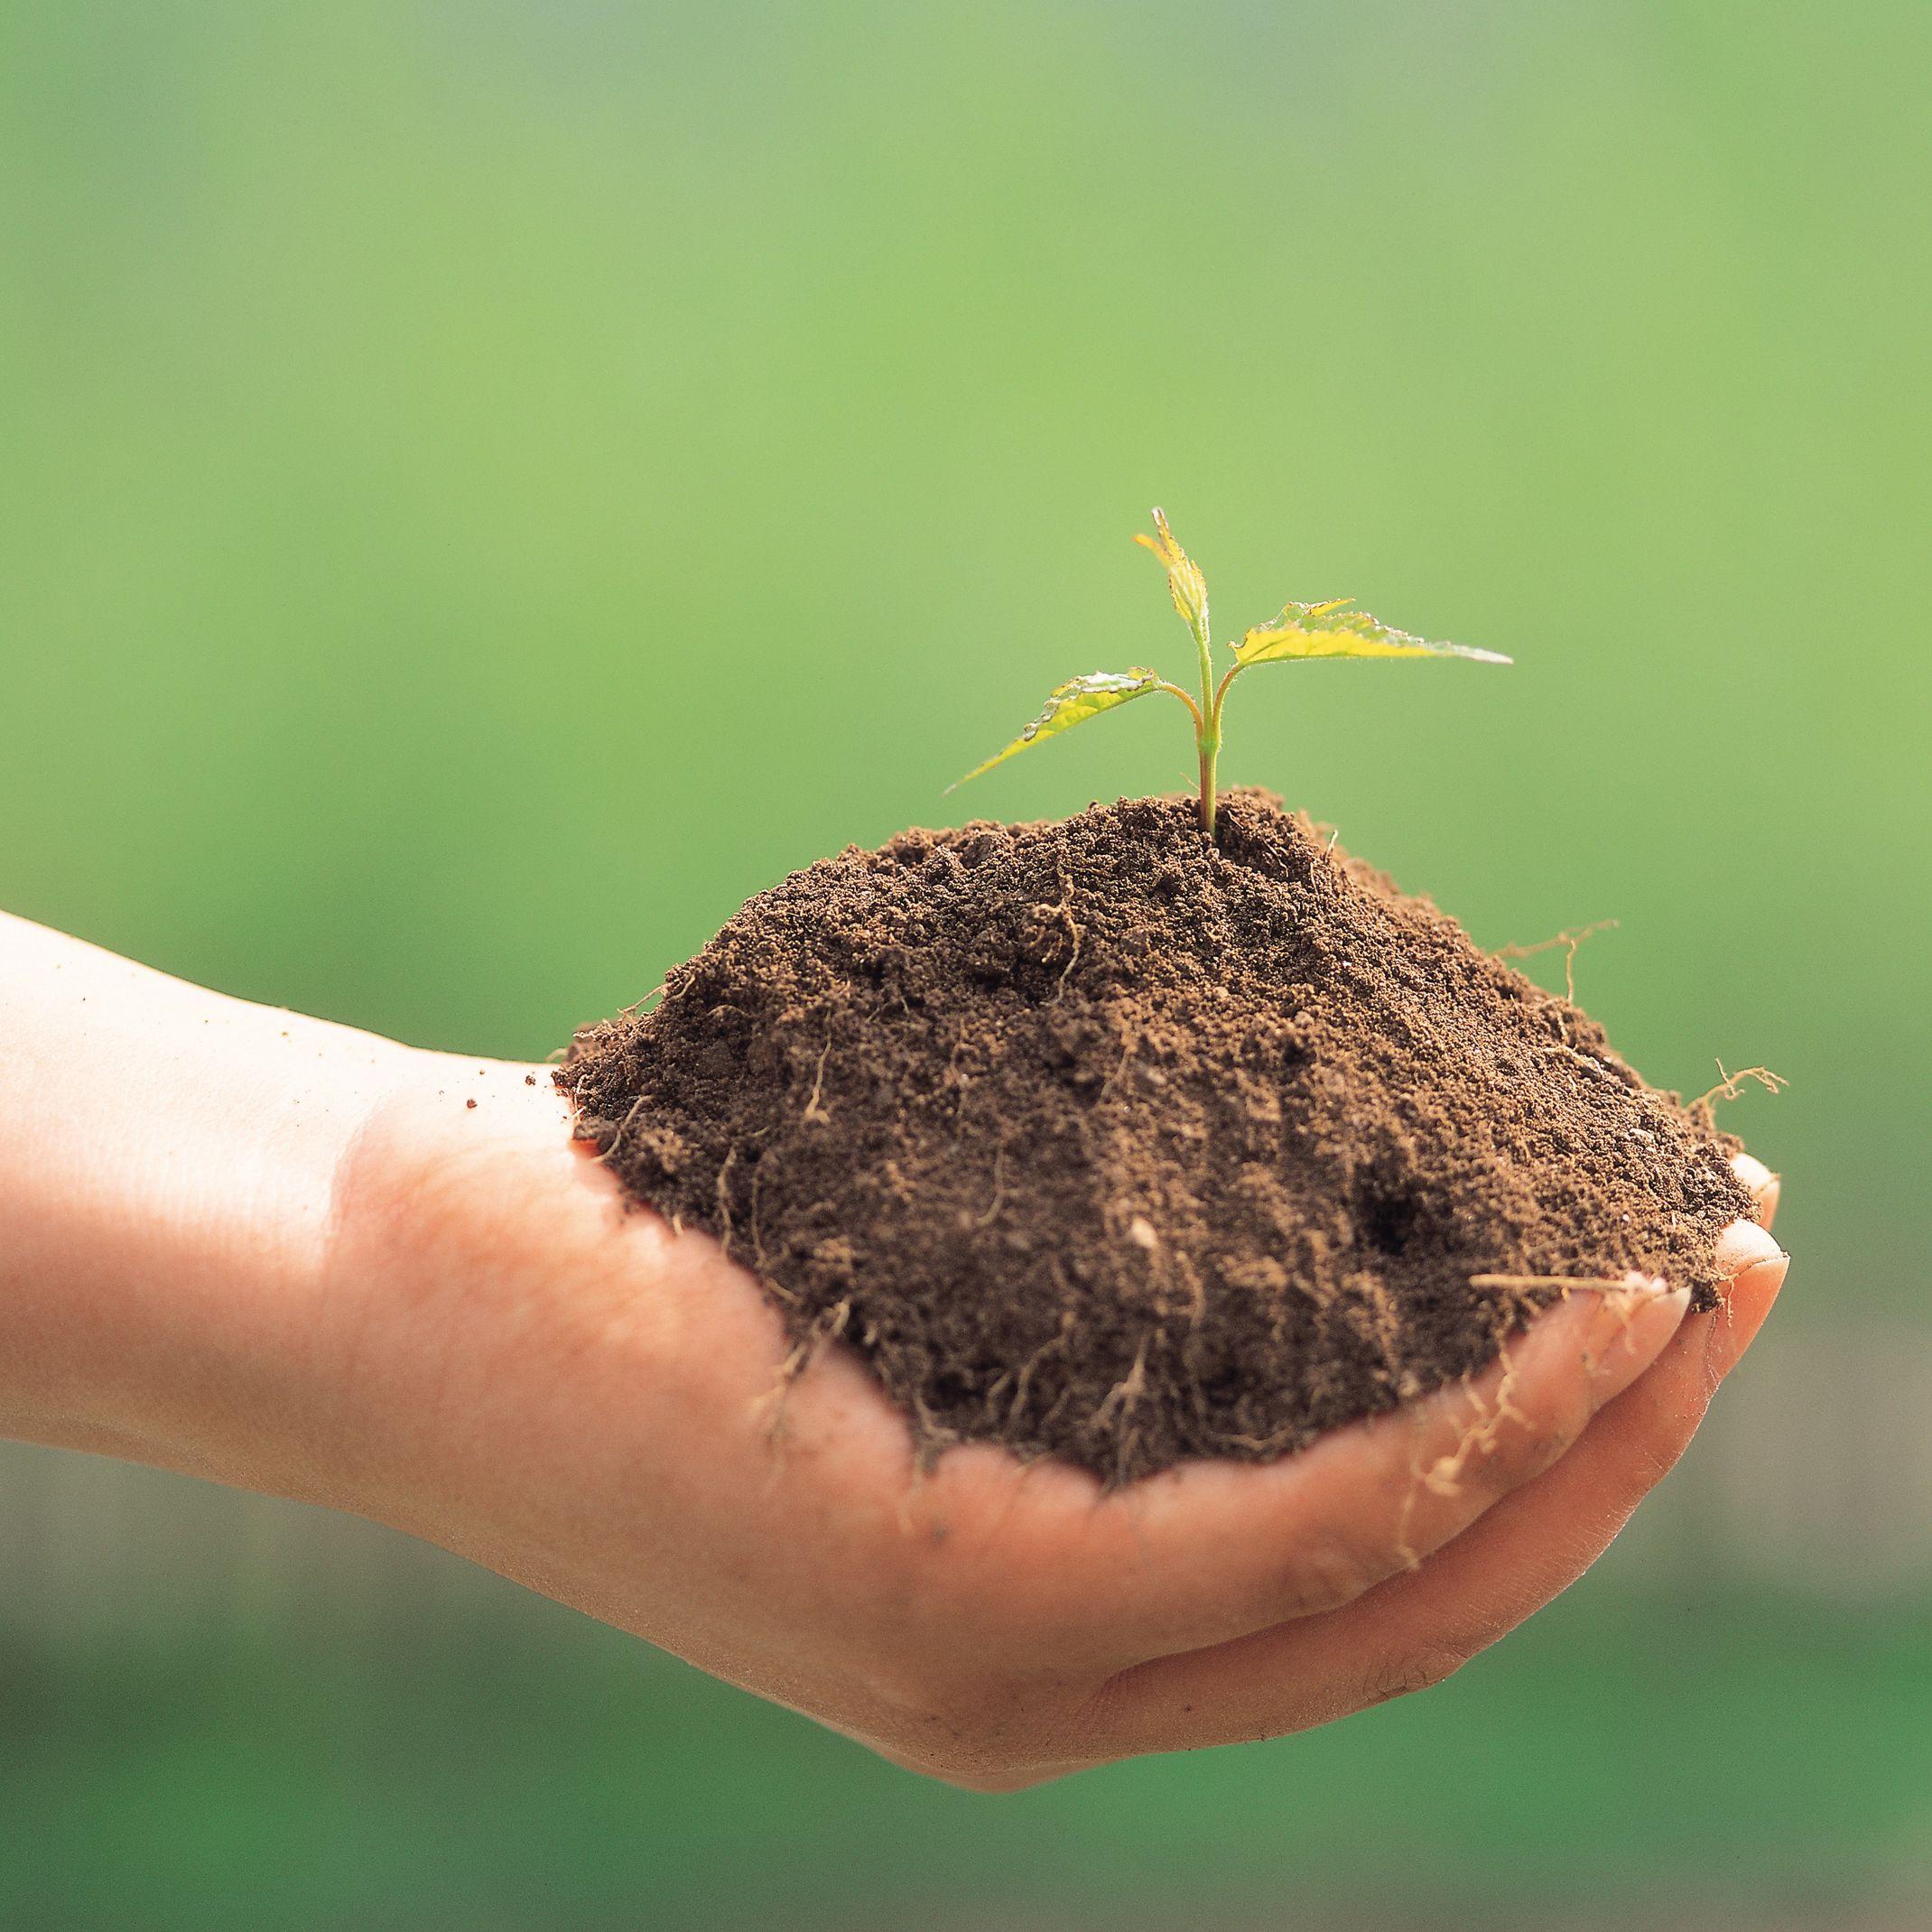 連作障害対策に最適な有機質肥料なら